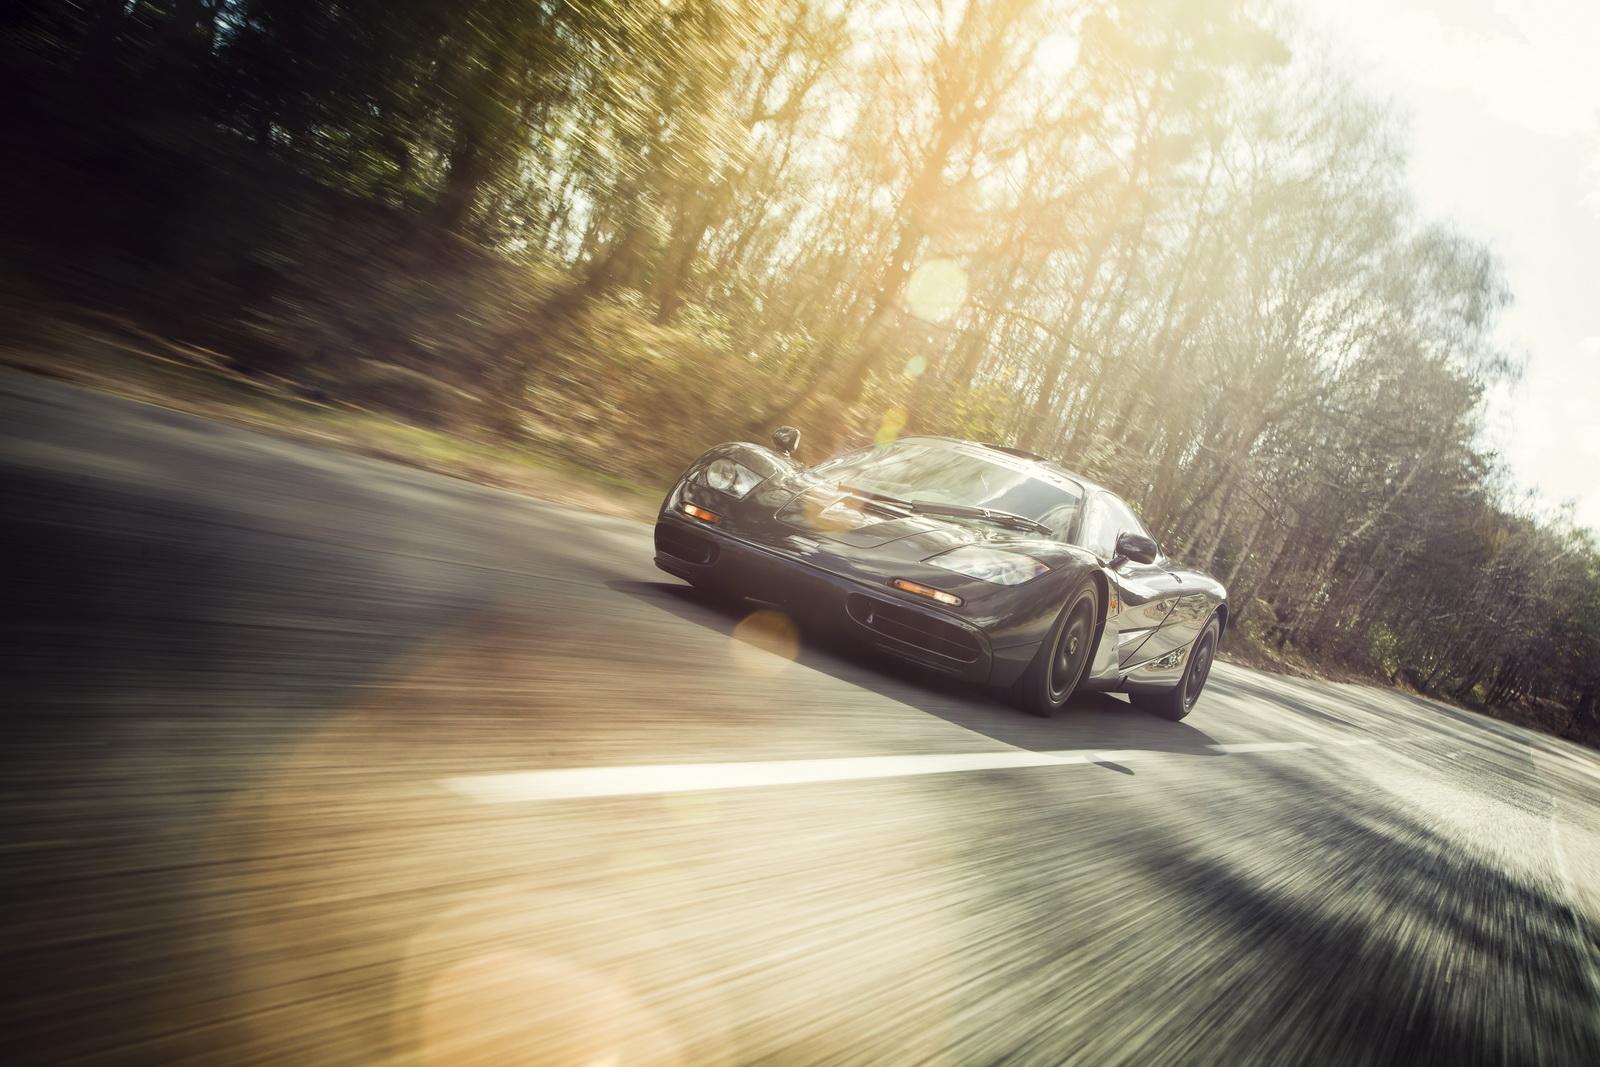 Siêu xe McLaren F1 là siêu xe hút khí tự nhiên nhanh nhất thế giới